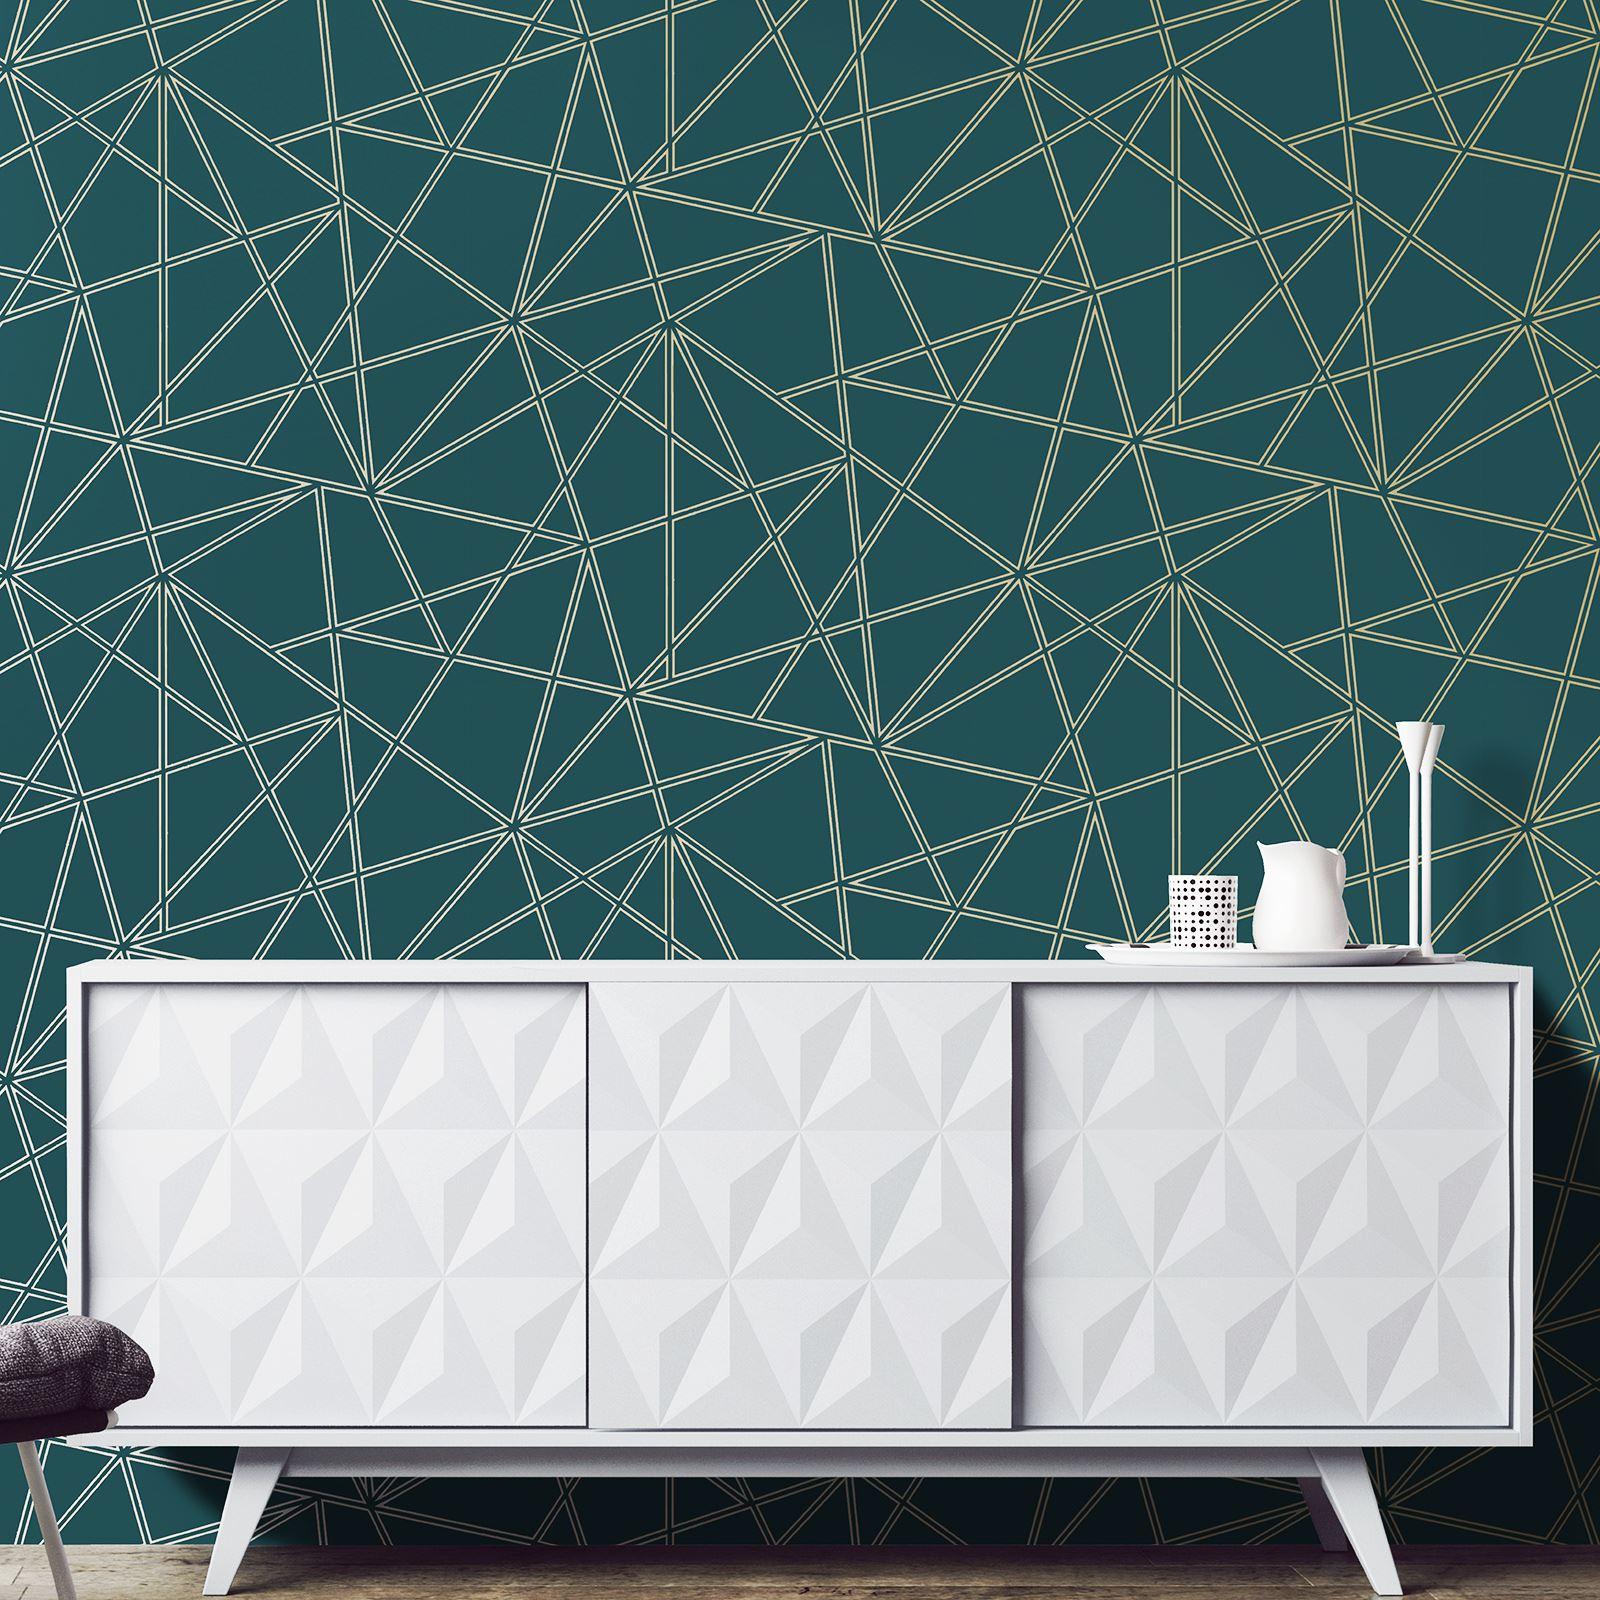 Géométrique Papier Peint Décoration Moderne triangles Treillis ...